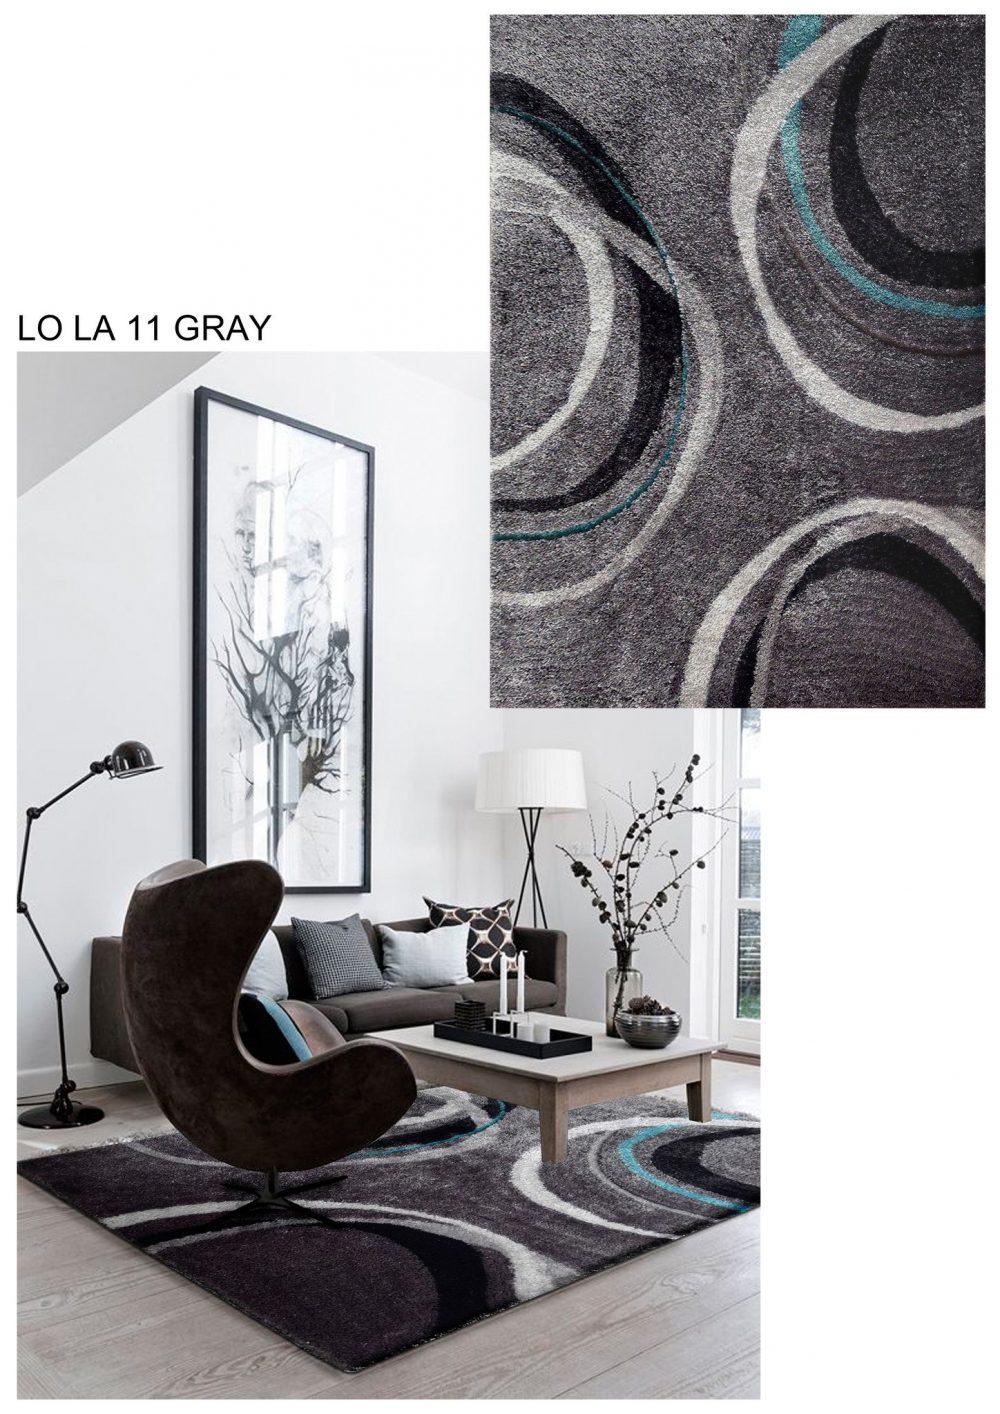 lola 11 grey area rug